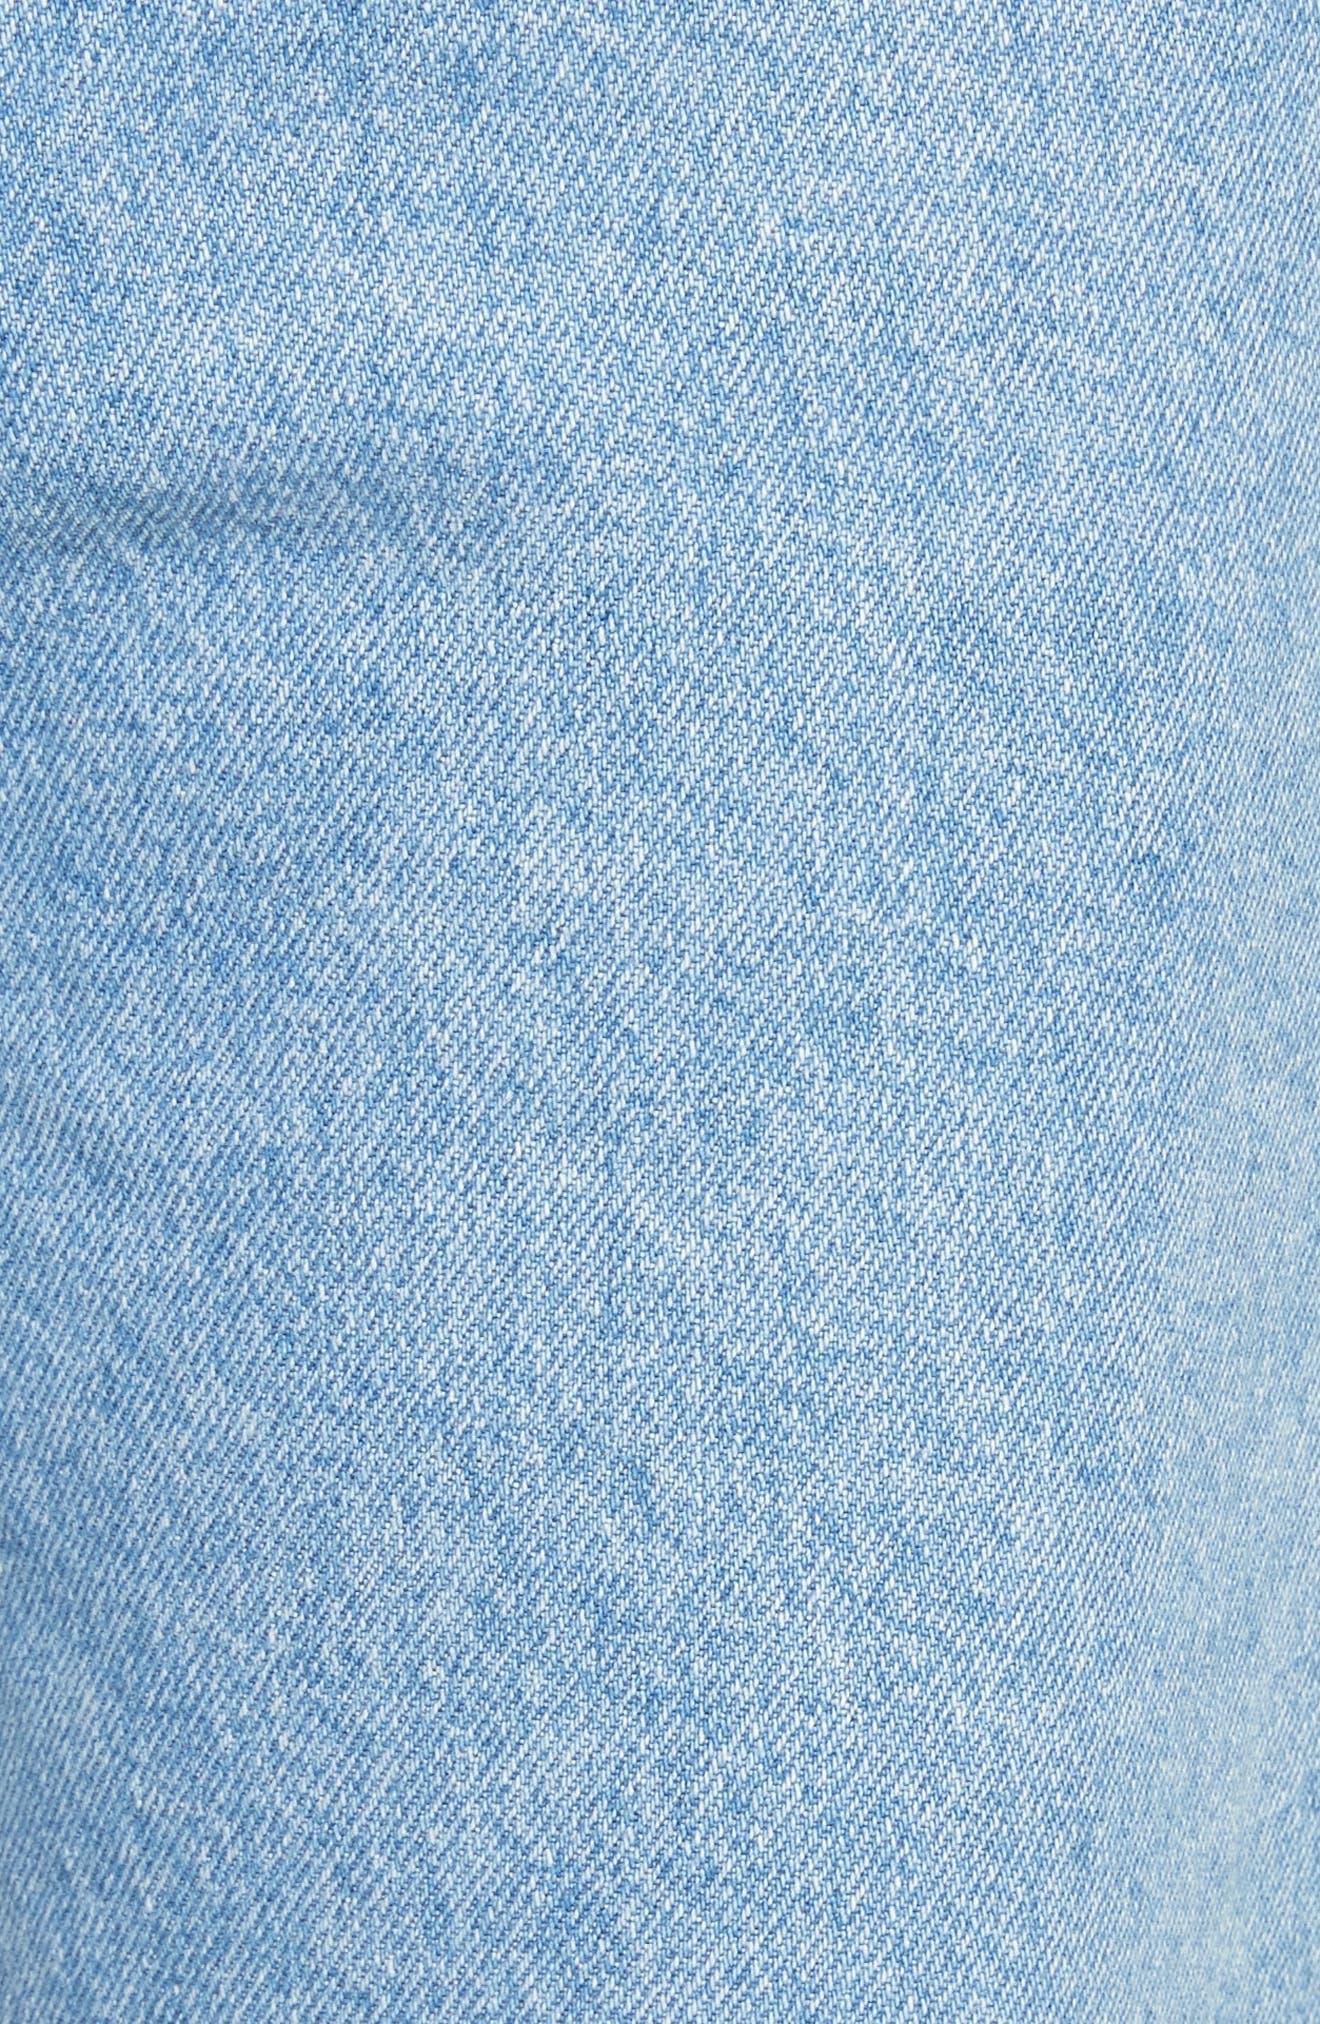 EL Wide Leg Jeans,                             Alternate thumbnail 5, color,                             True Blue